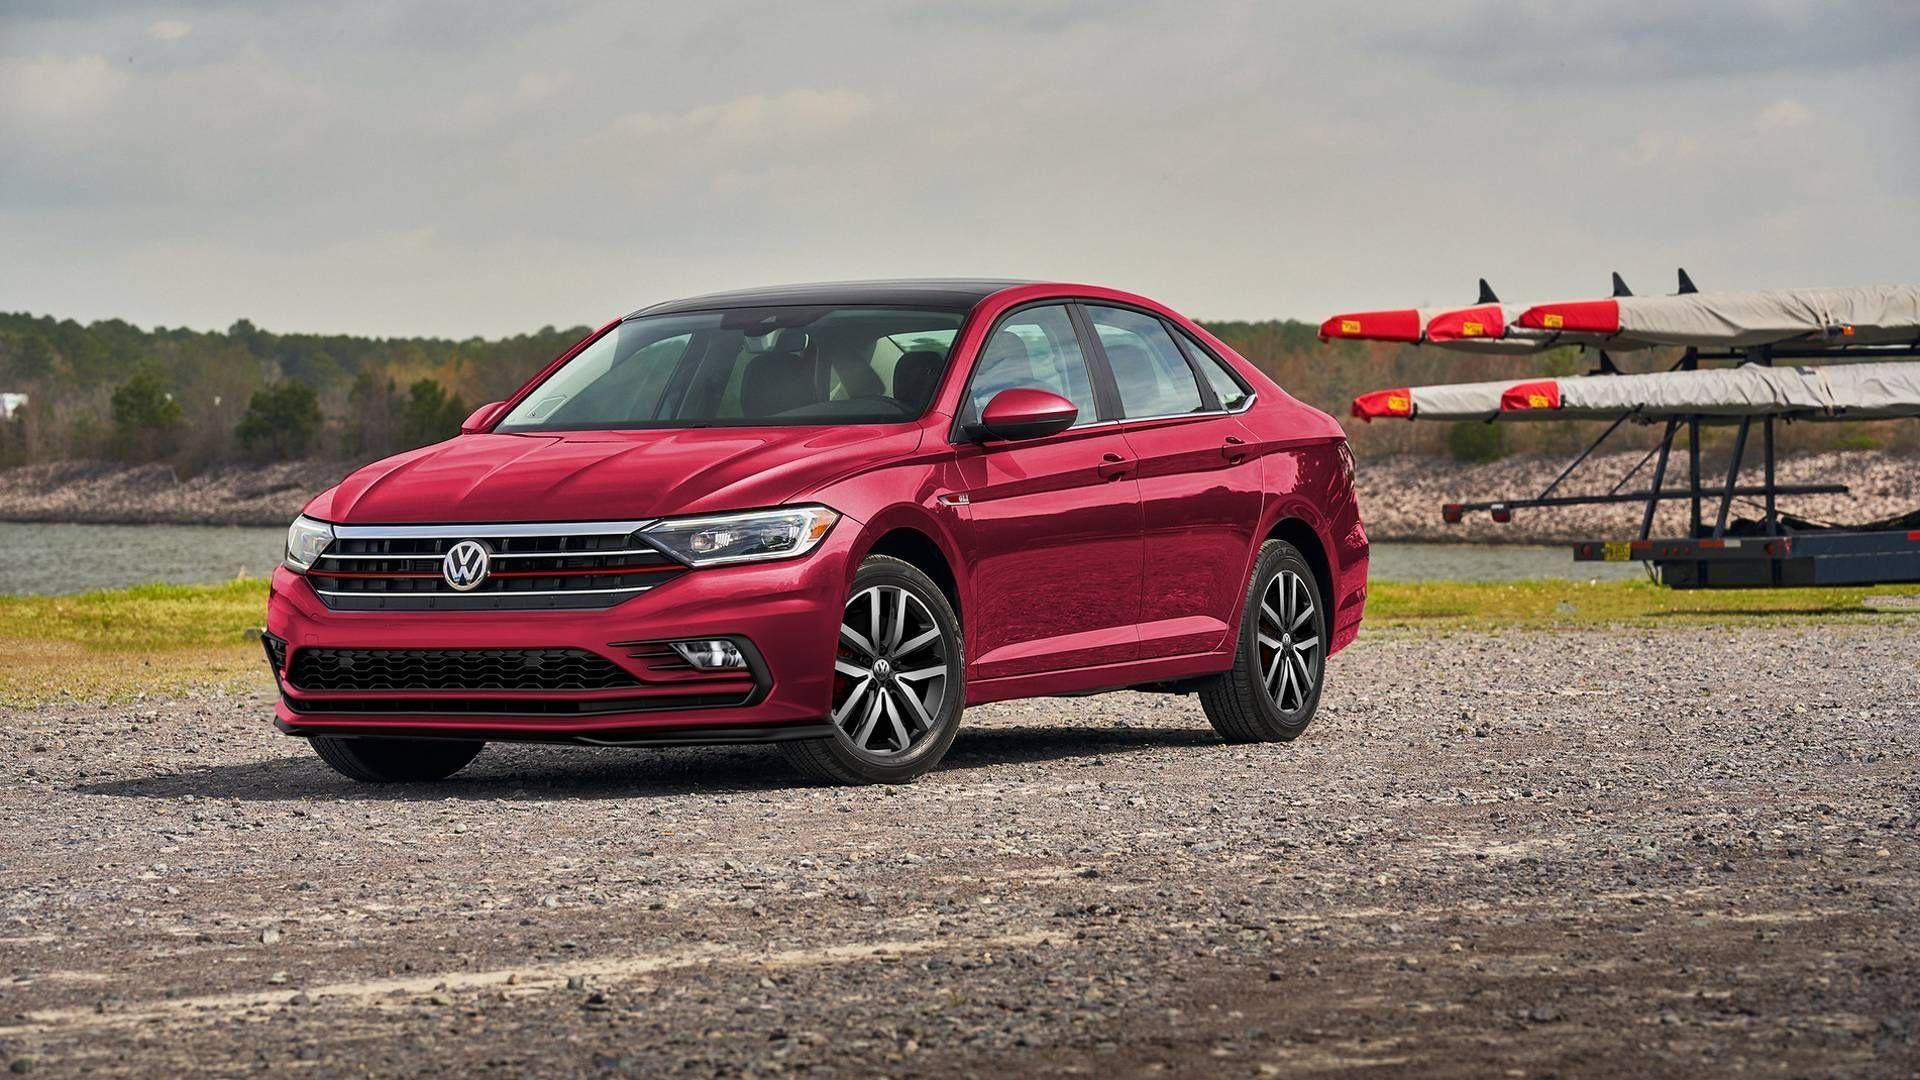 Best 2020 Volkswagen Jetta Tdi Gli Exterior Car Price 2019 Volkswagen Jetta Jetta Gli Vw Jetta